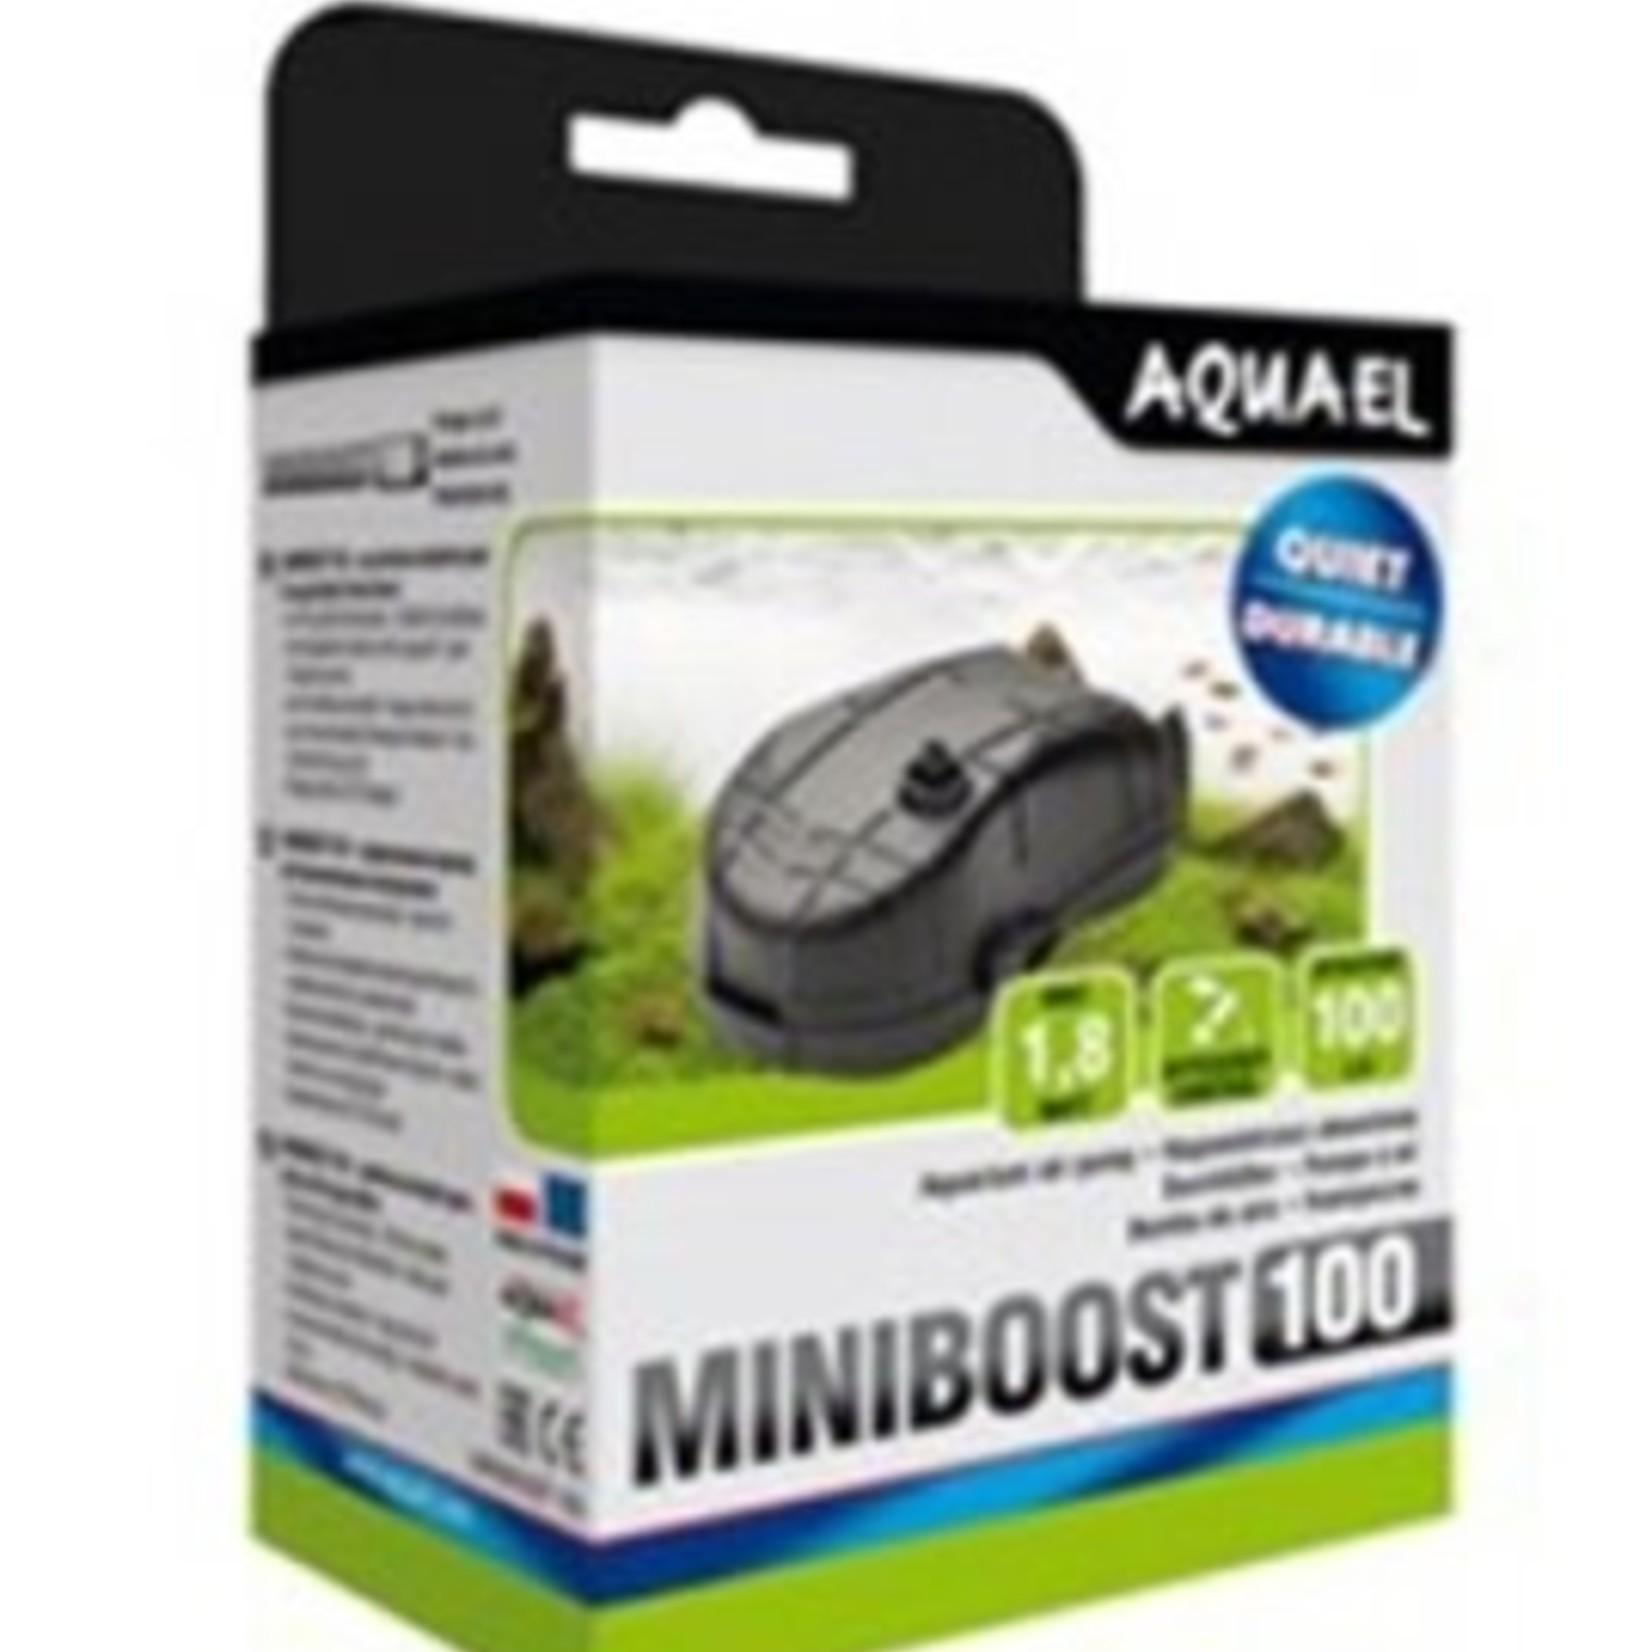 AquaEl Aerateur Miniboost